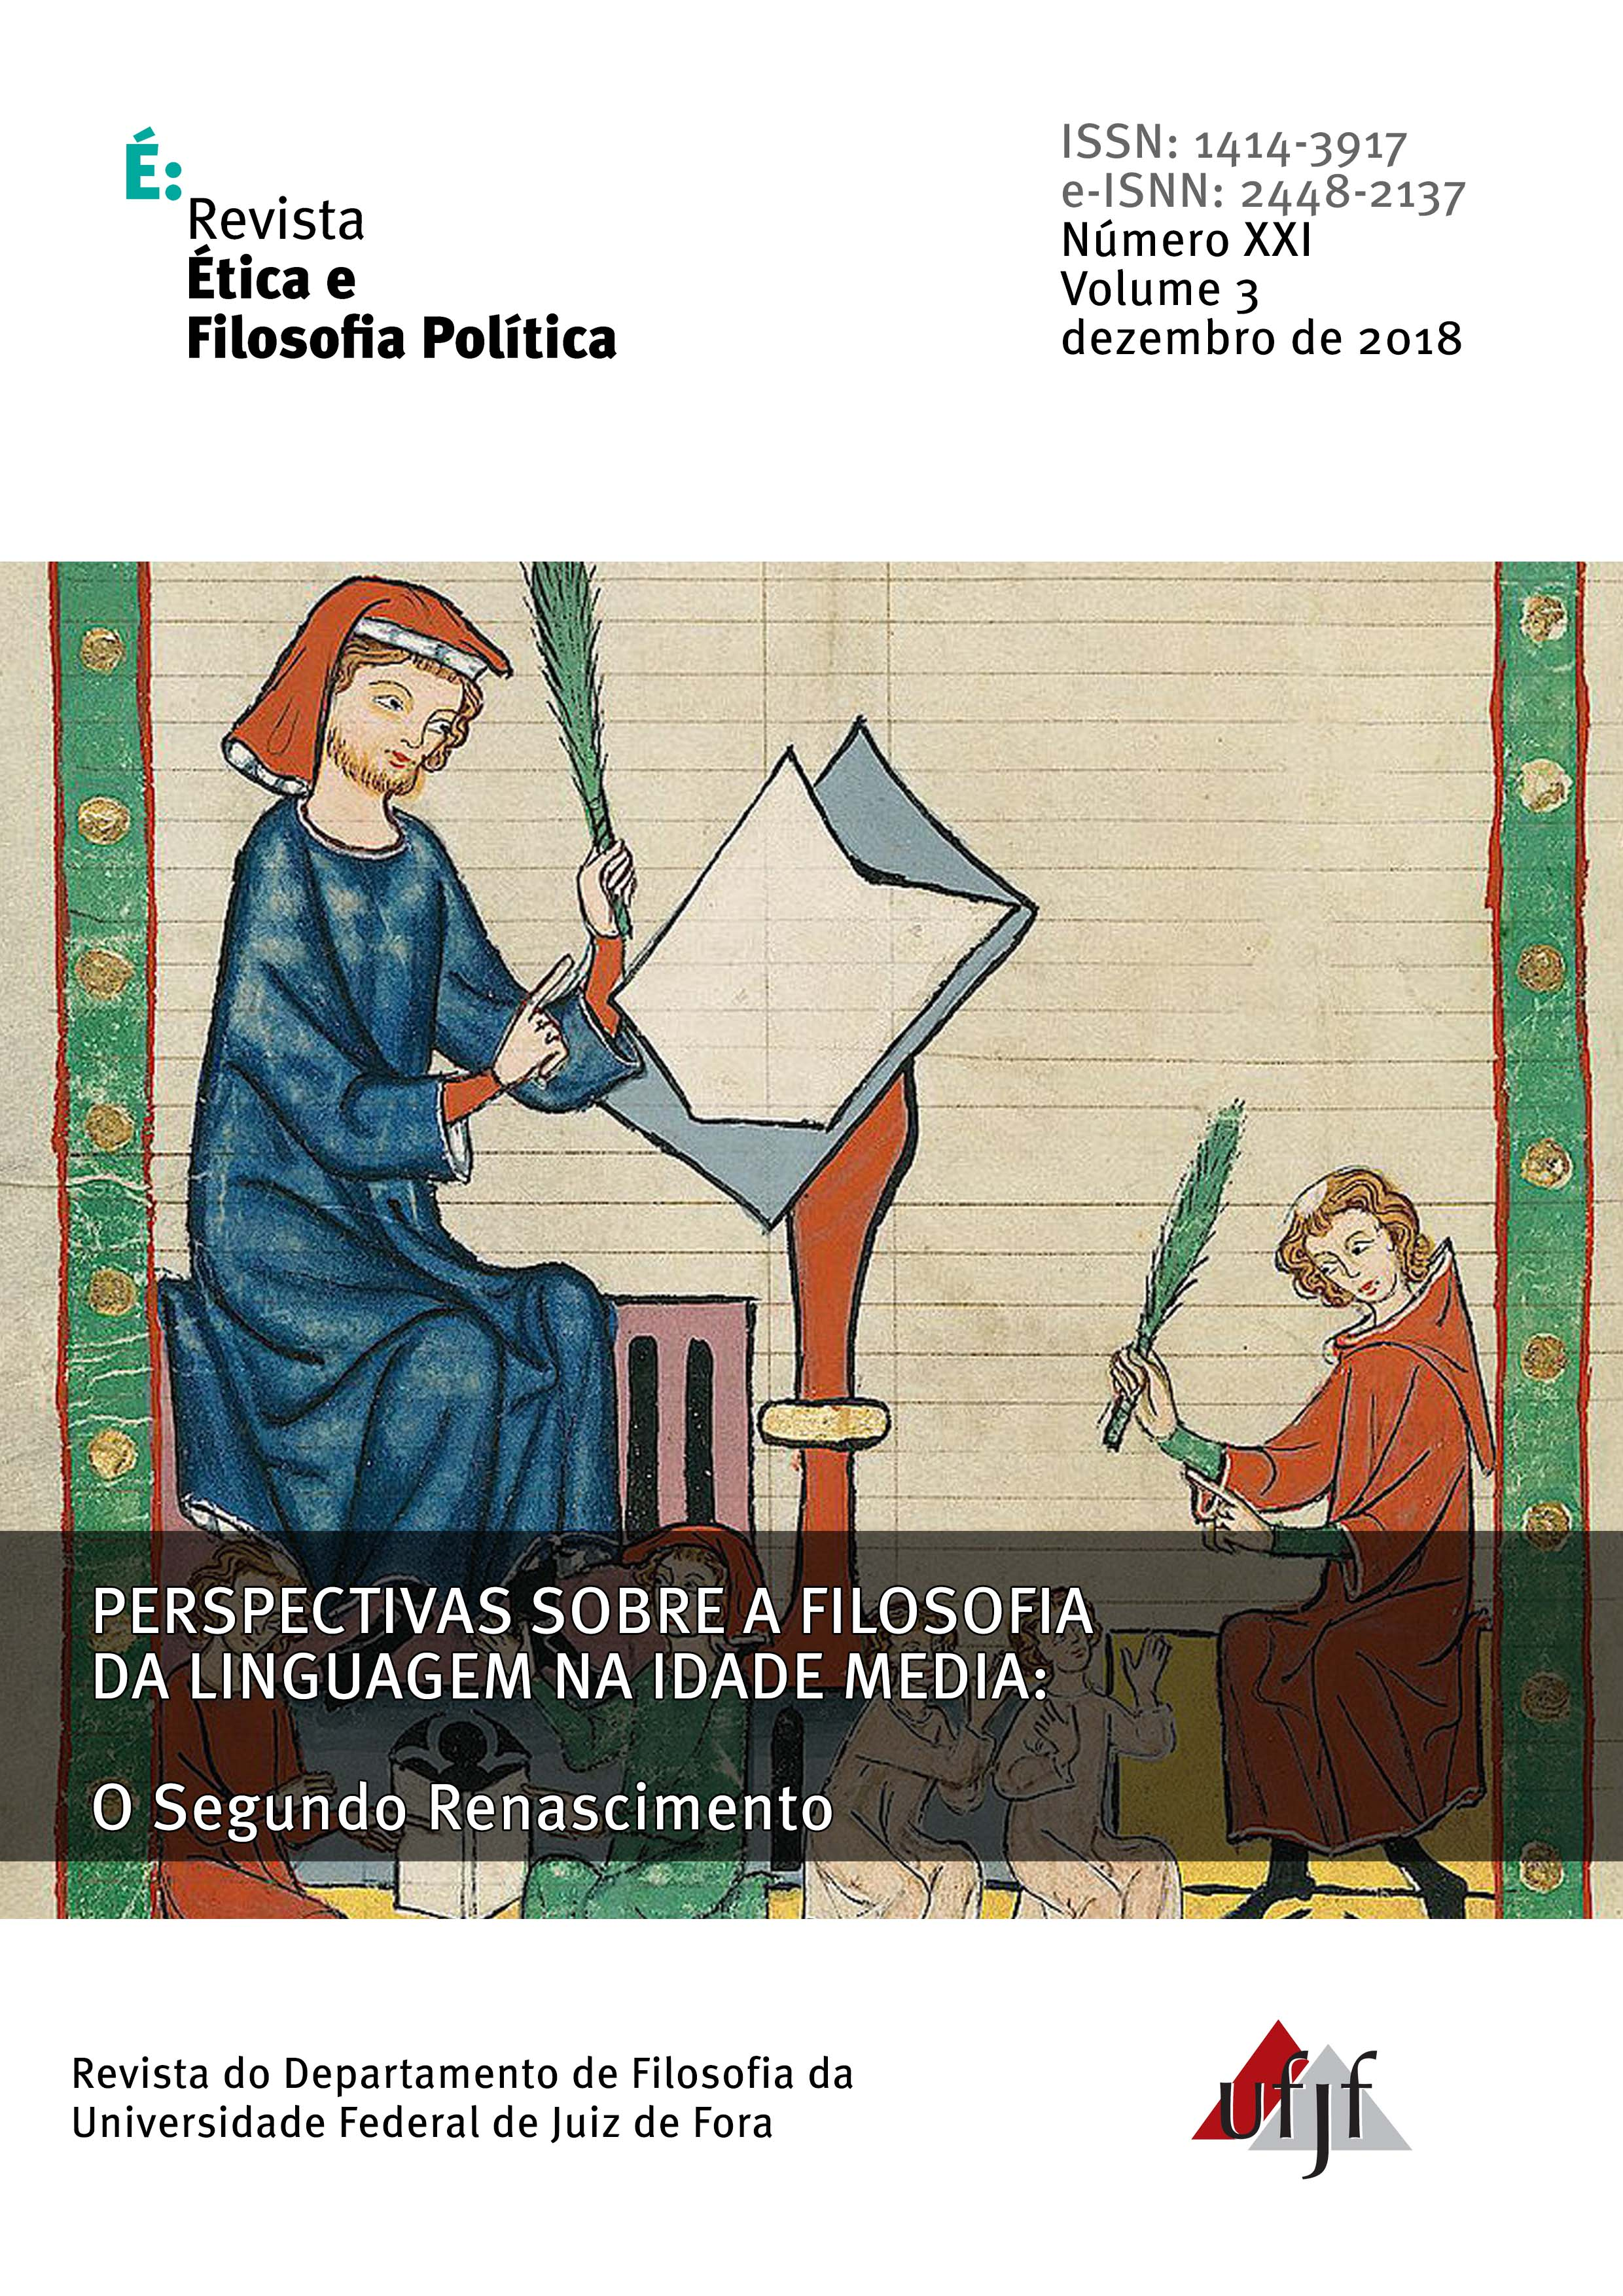 Visualizar v. 3 n. 21 (2018): Perspectivas sobre a Filosofia da Linguagem na Idade Média - II